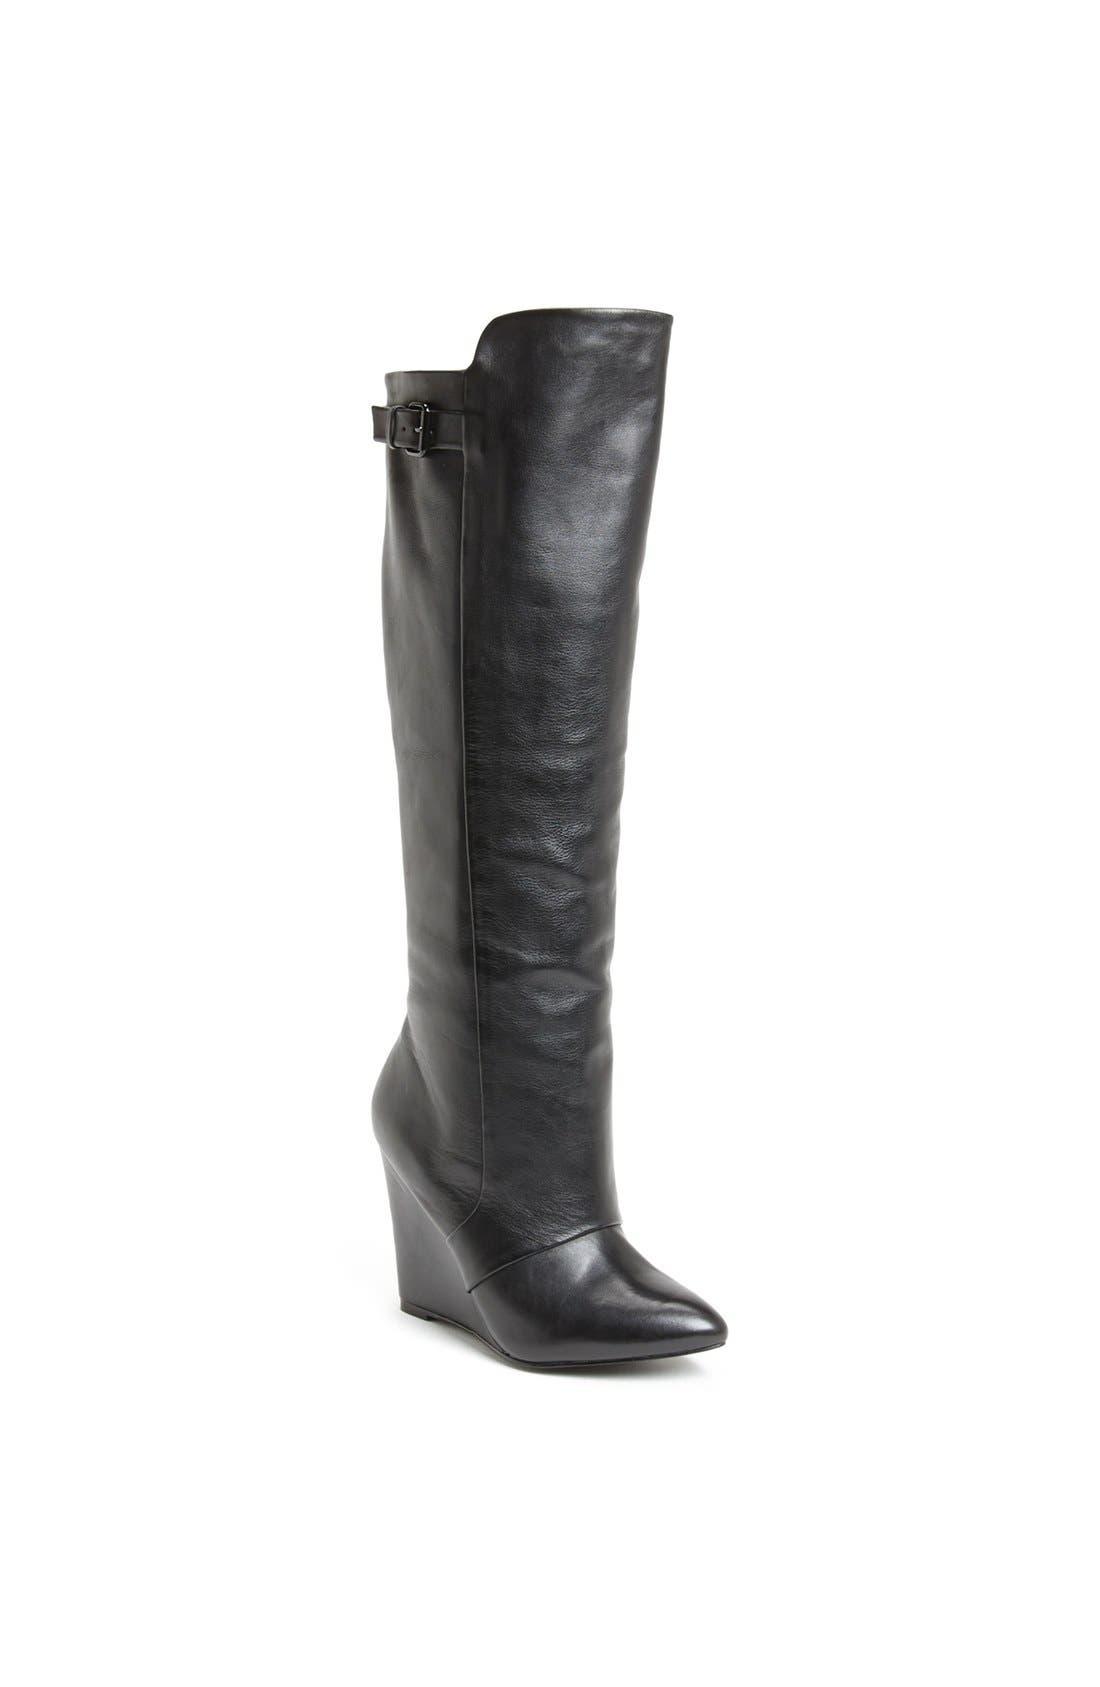 Alternate Image 1 Selected - Steve Madden 'Zylon' Leather Boot